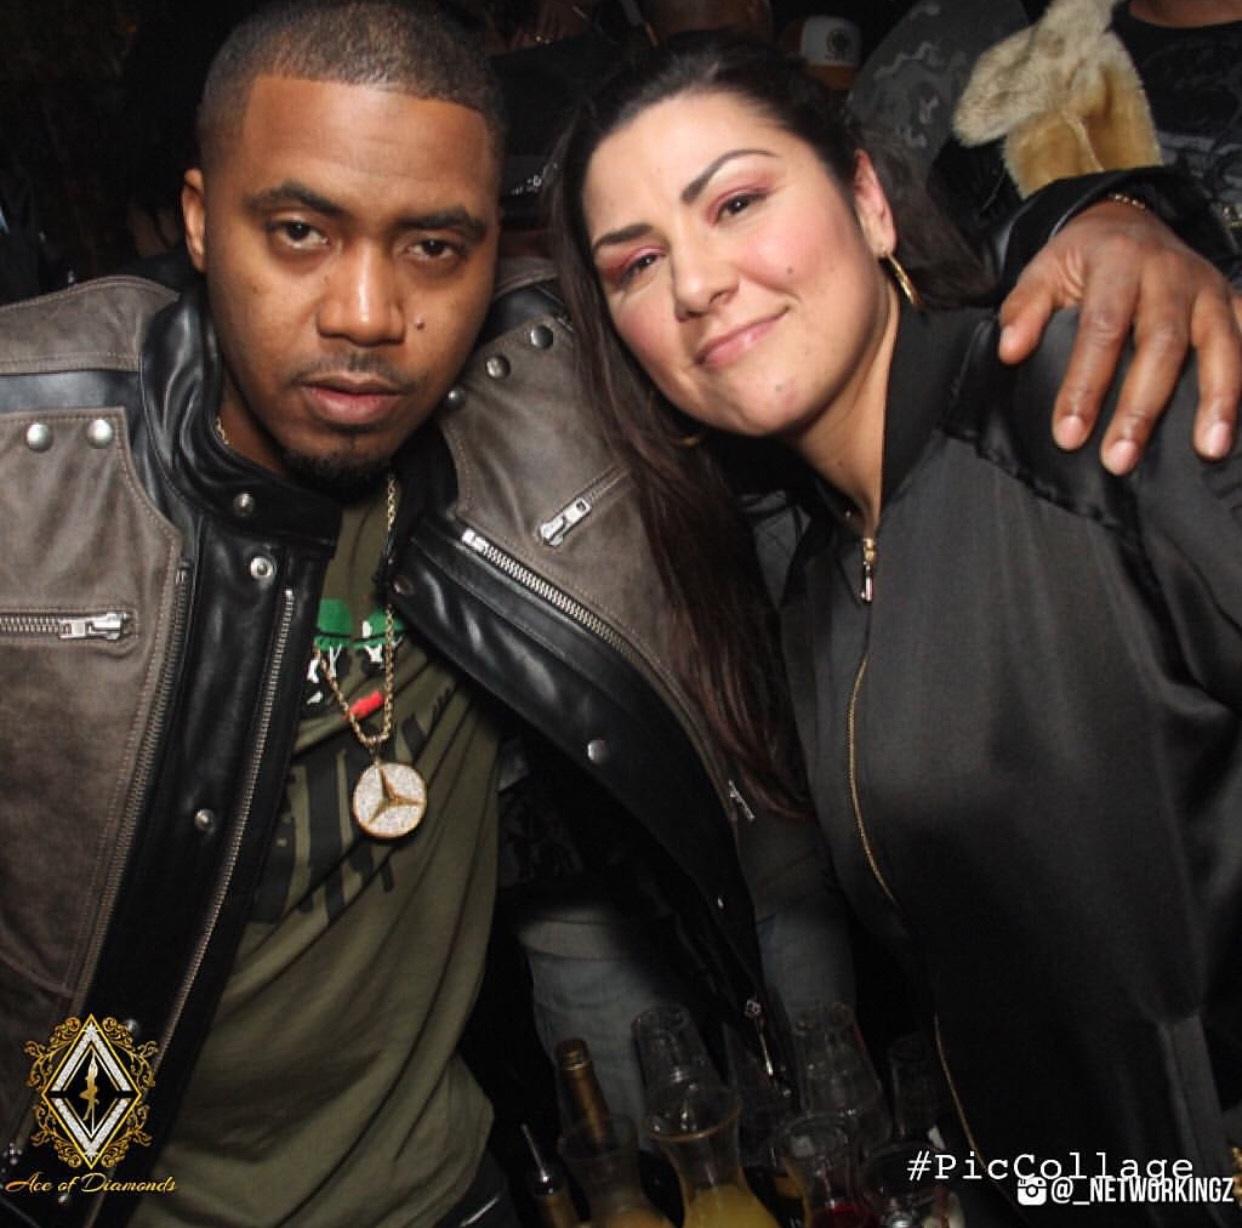 Carisma and Nas